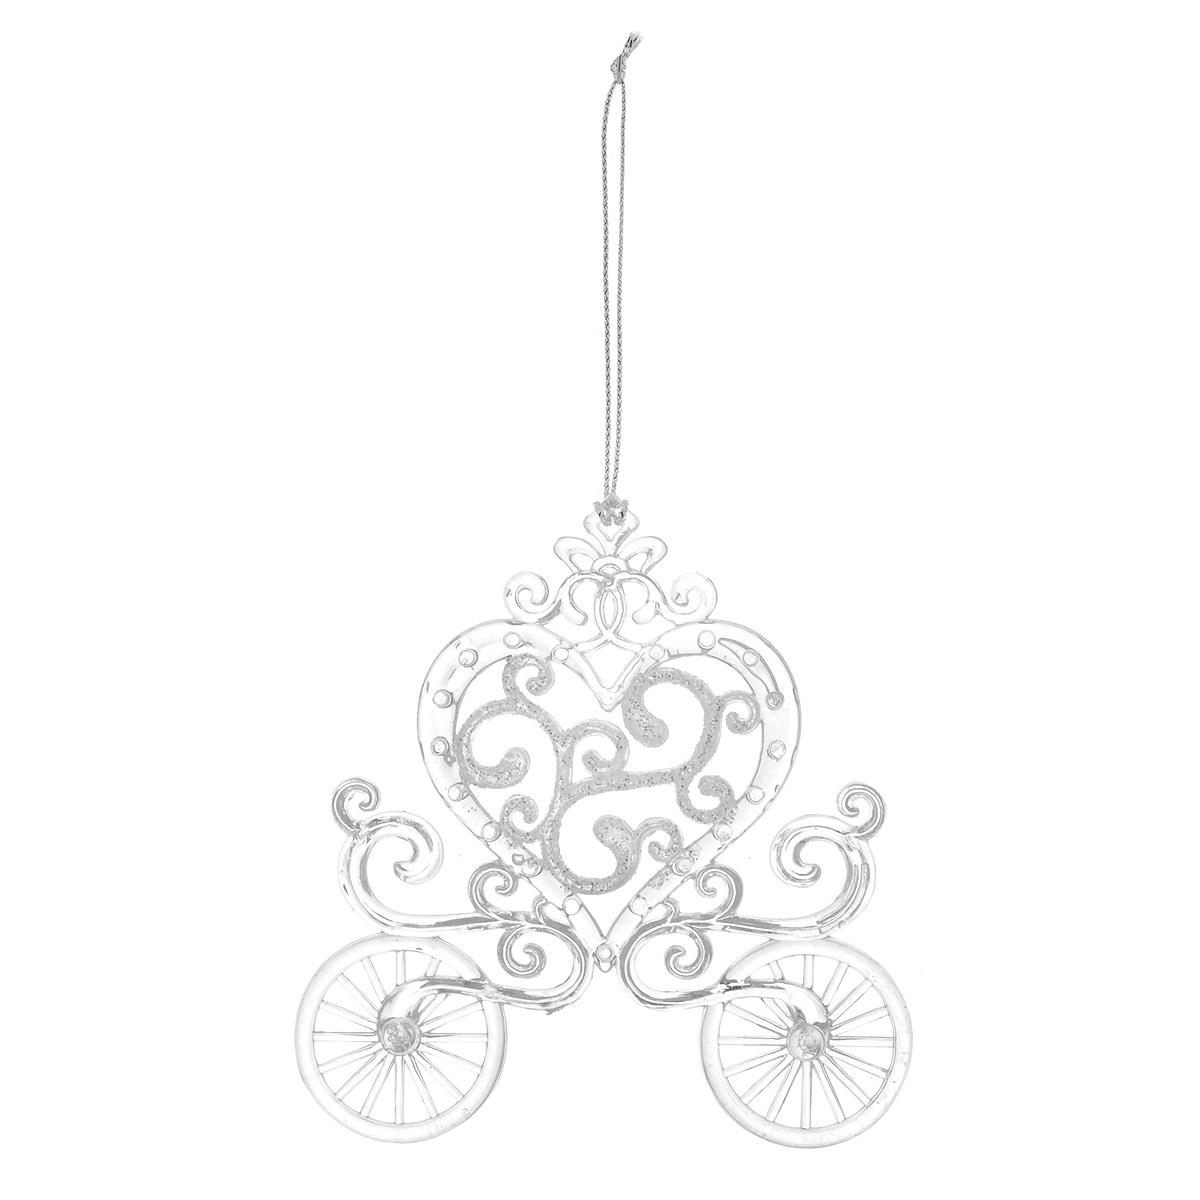 Новогоднее подвесное украшение Карета, цвет: белый. 3503935039